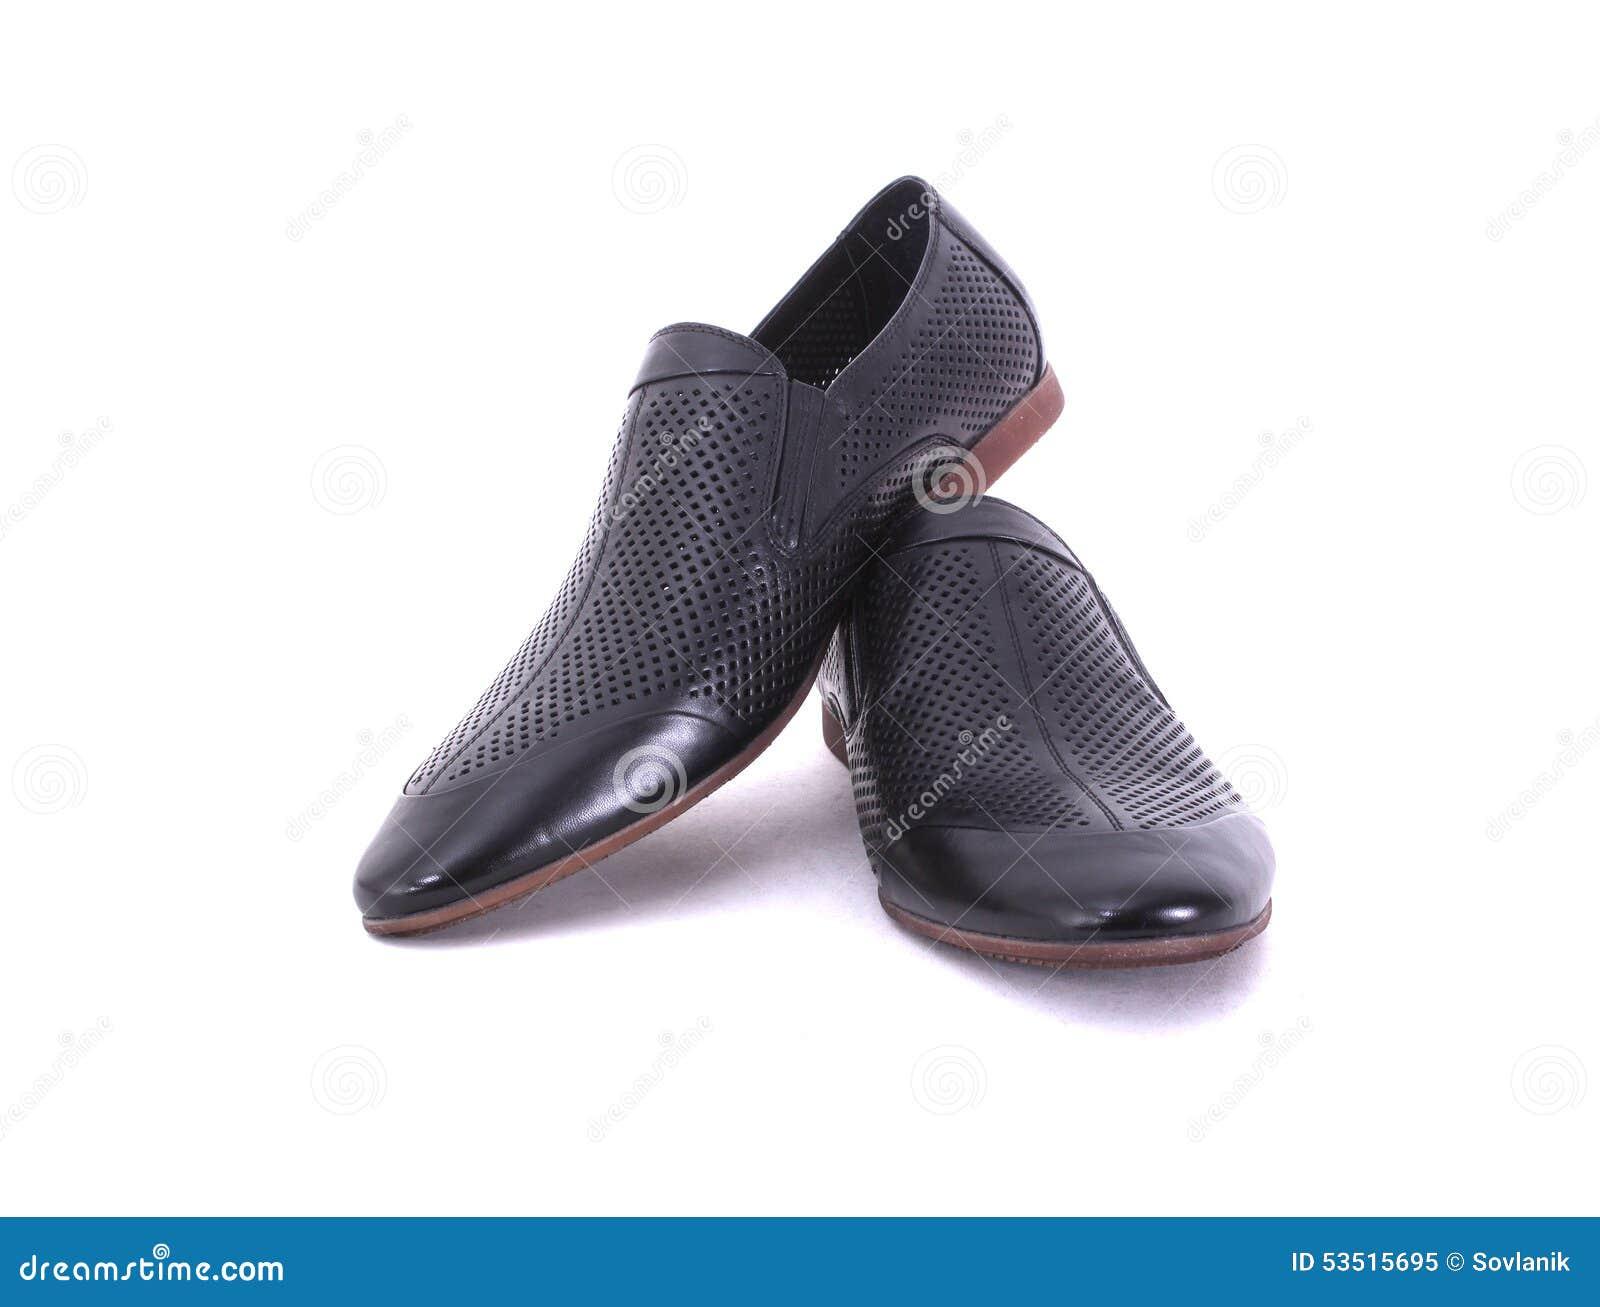 808d8c0b11b45 zapatos hombre joven